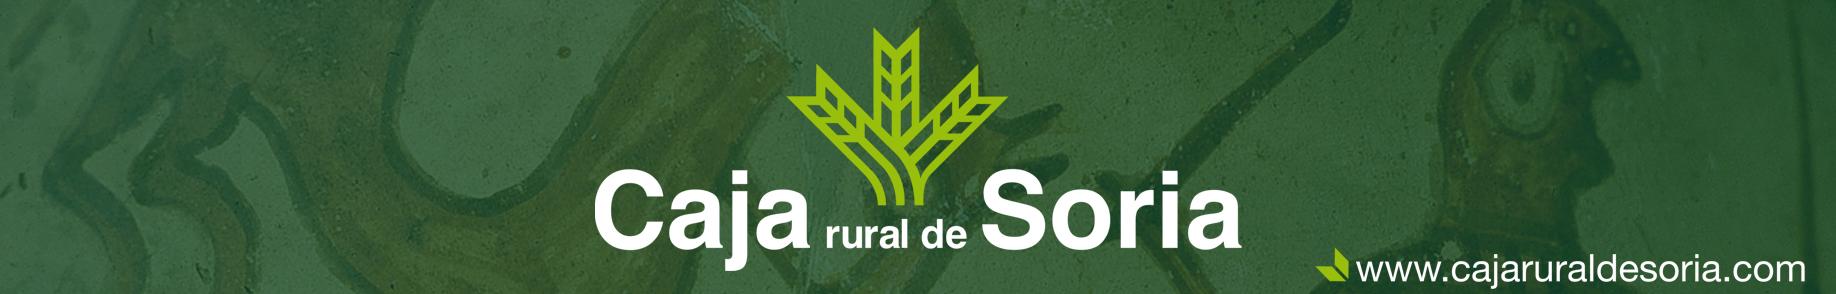 Publicidad Caja Rural de Soria, Banner intermedio, interior